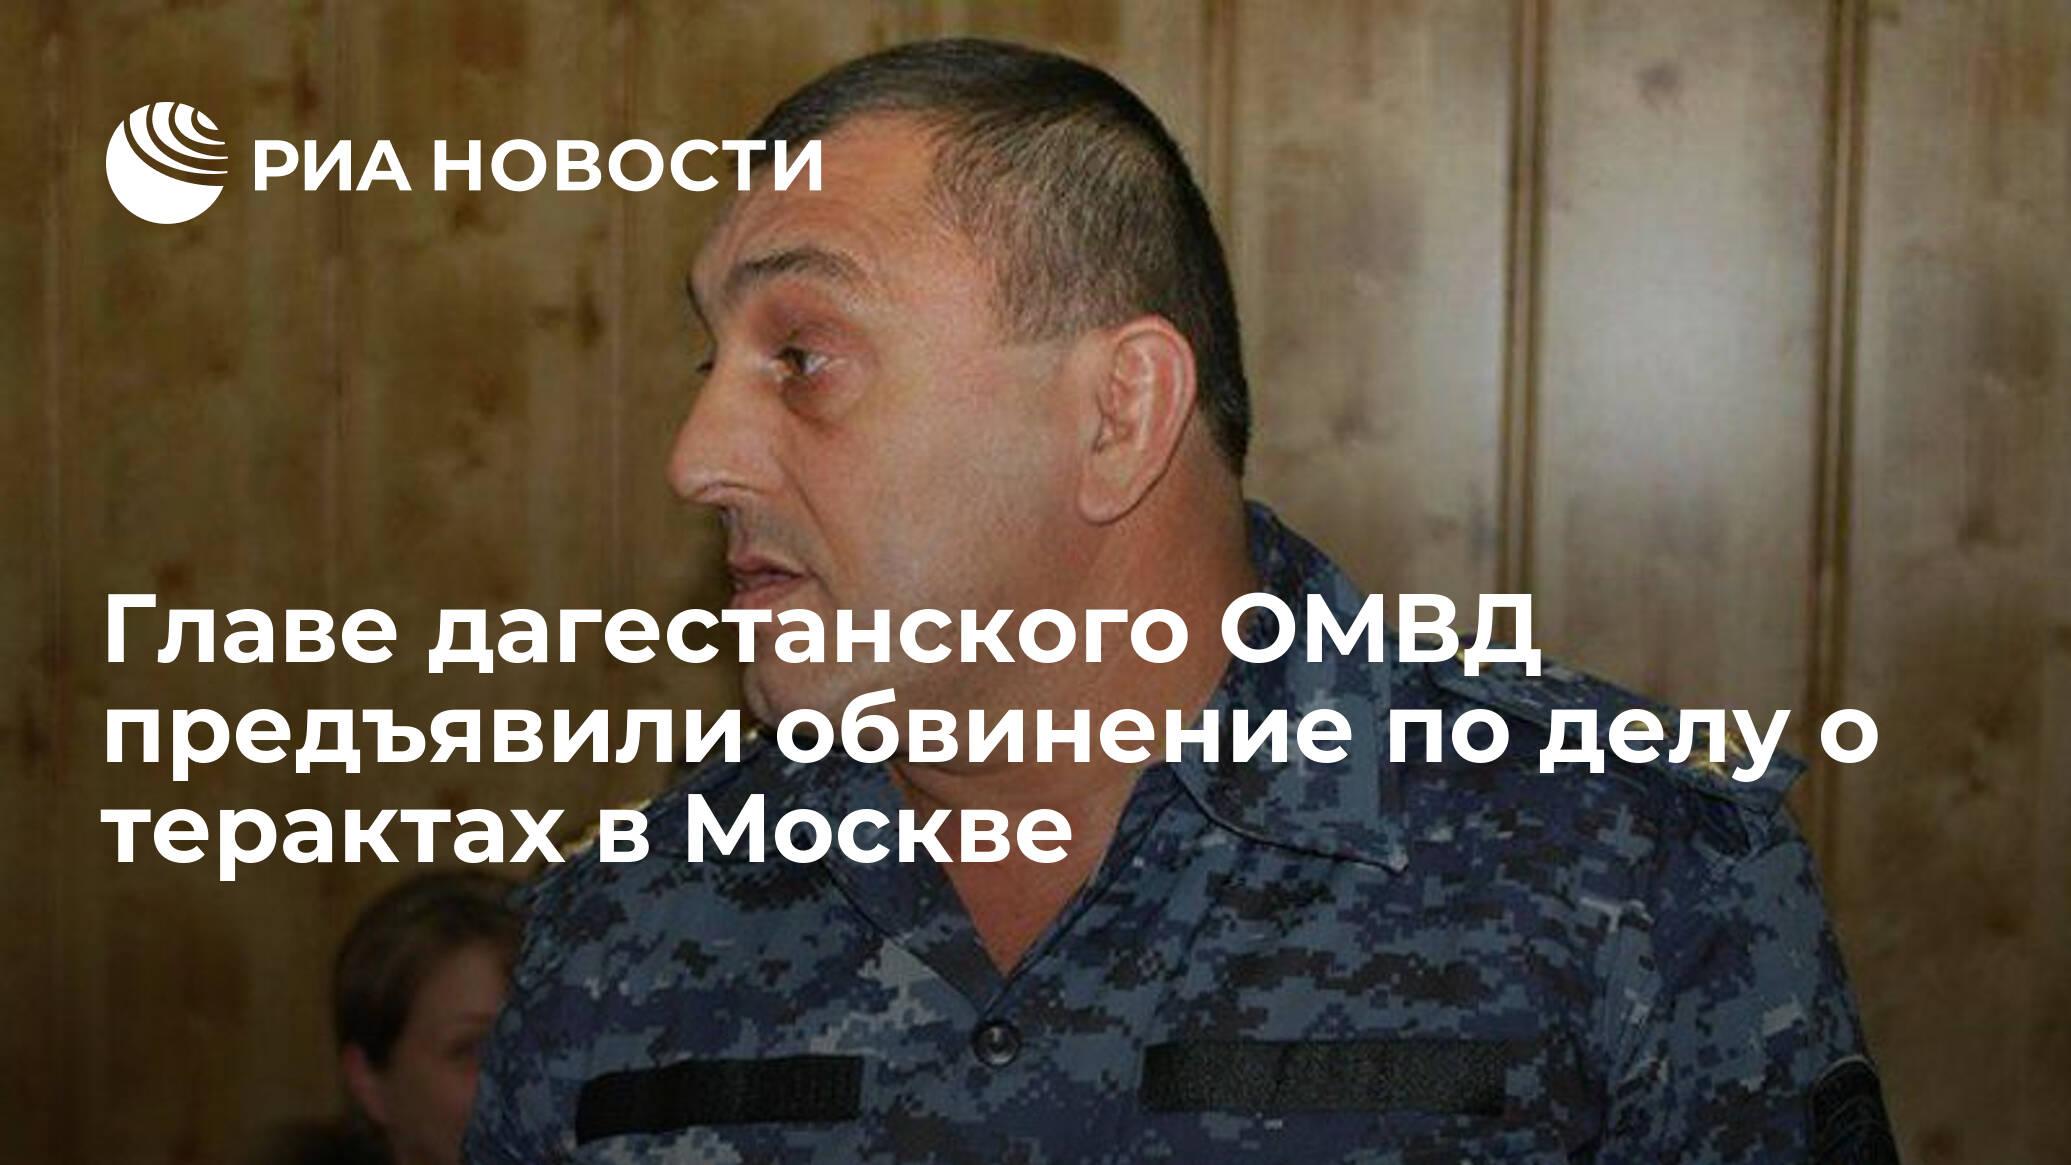 Главе дагестанского ОМВД предъявили обвинение по делу о терактах в Москве